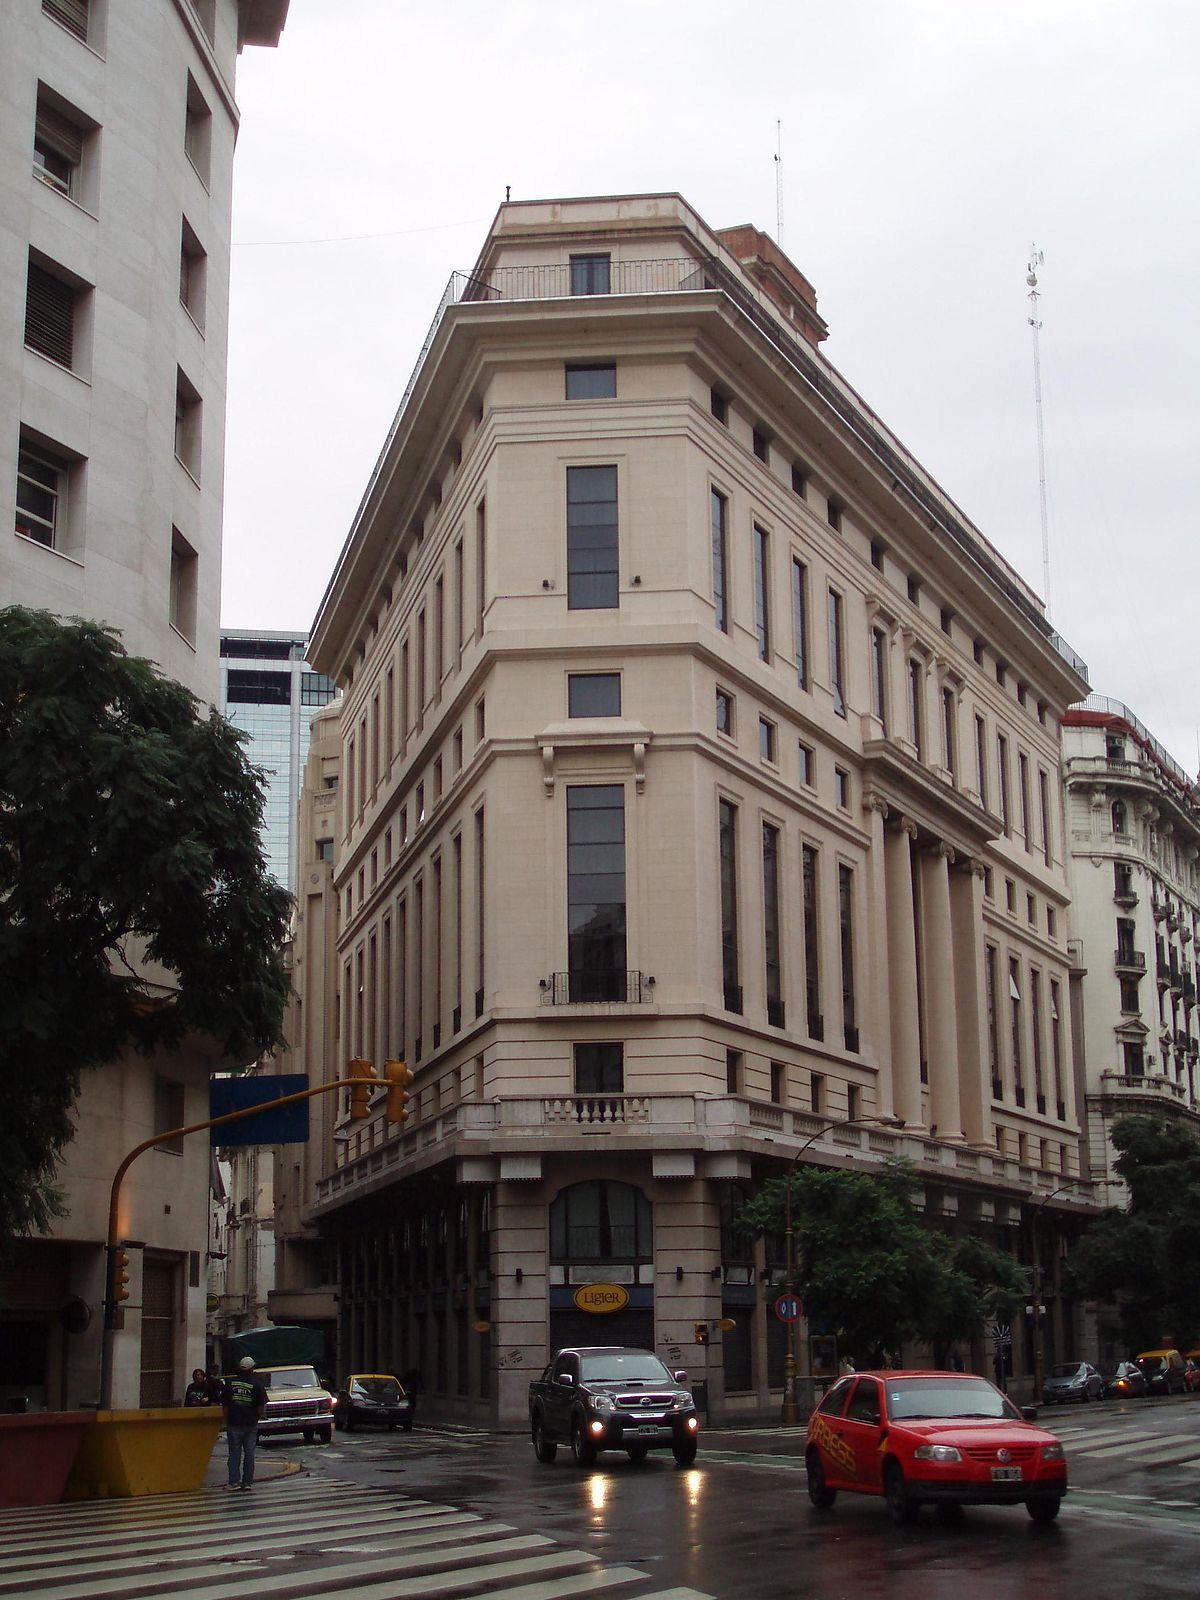 Hotel Continental Buenos Aires Wikipedia La